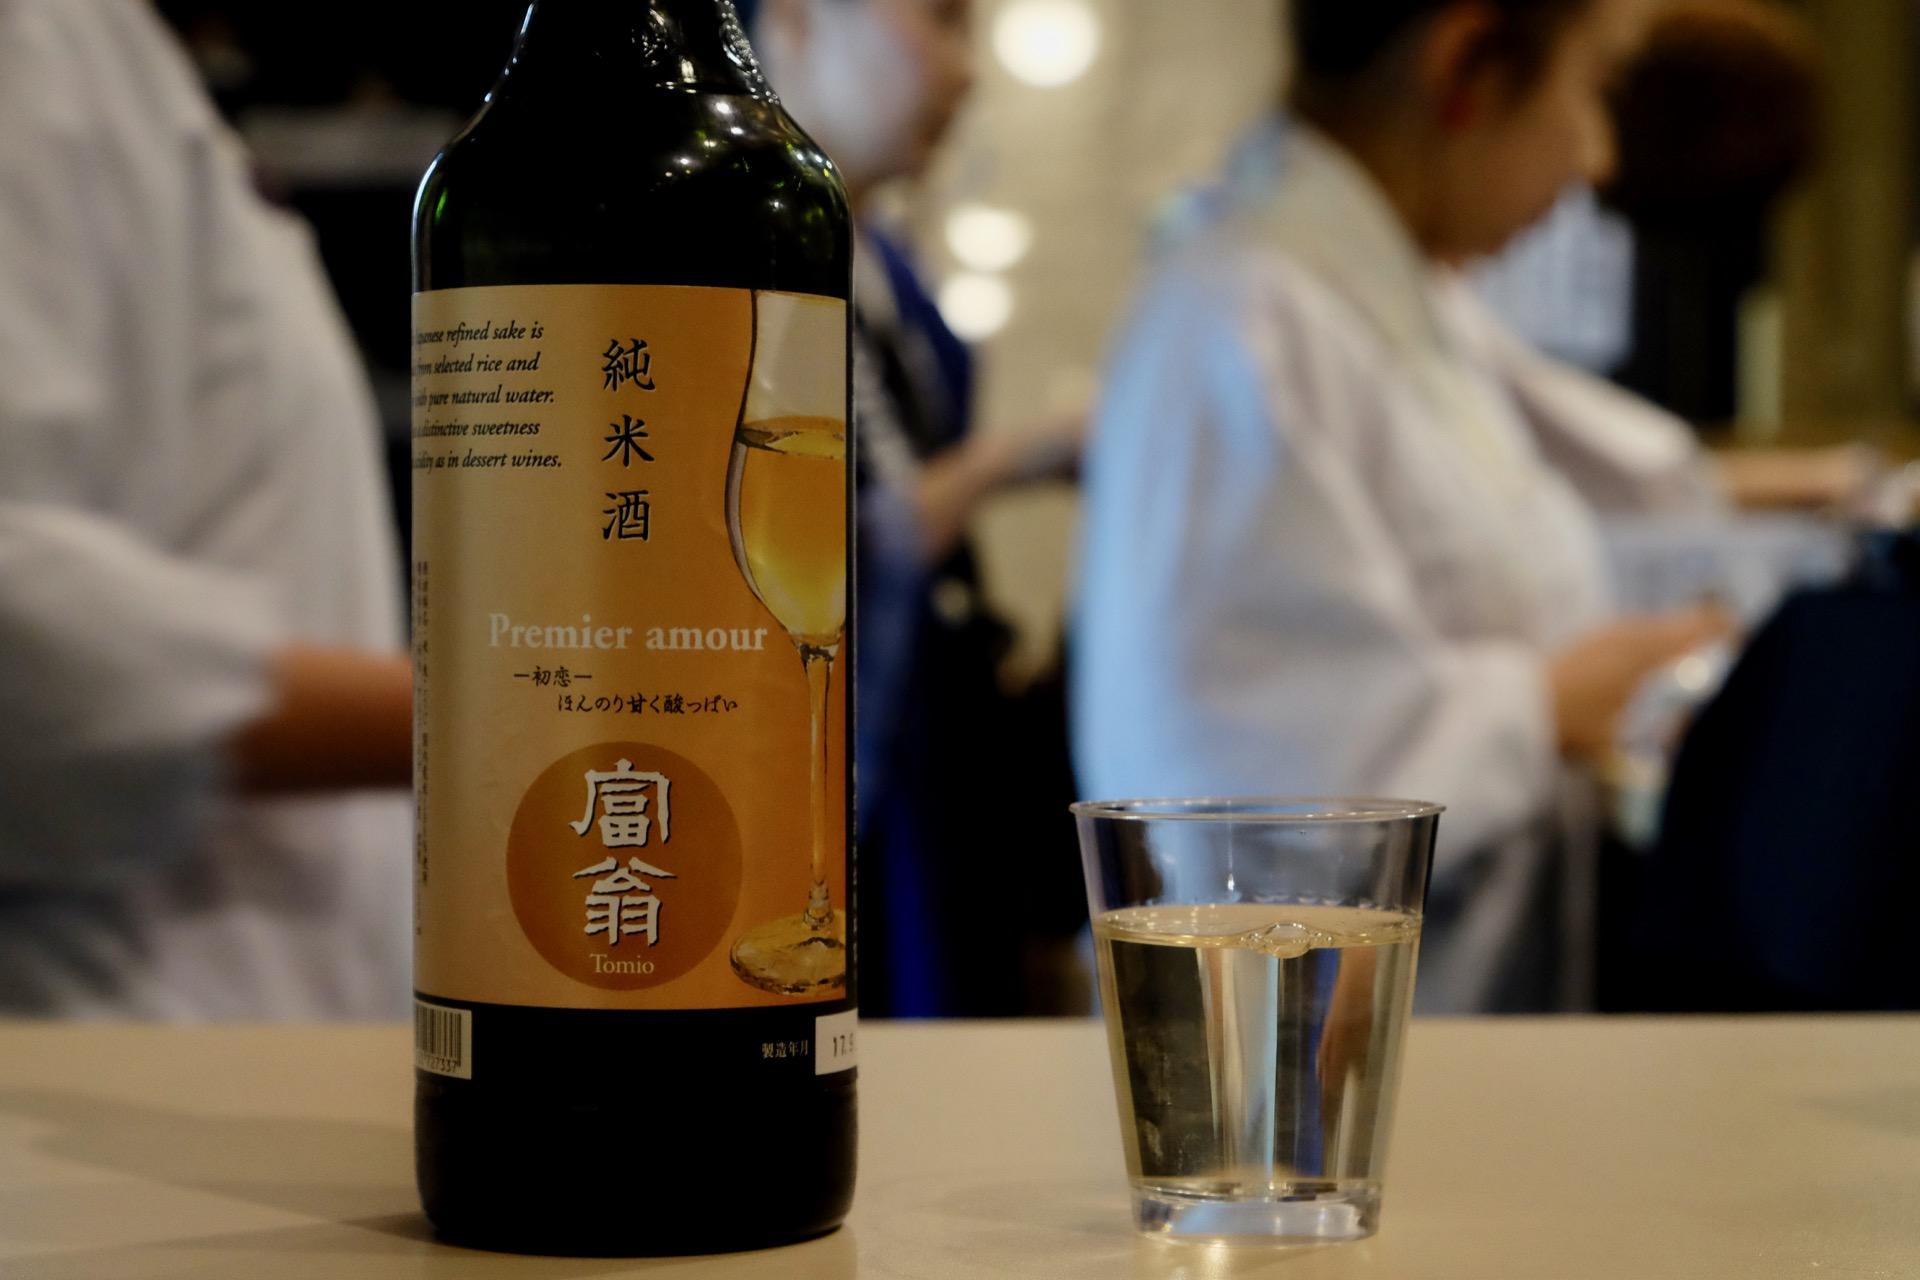 富翁 プルミエアムール|日本酒テイスティングノート